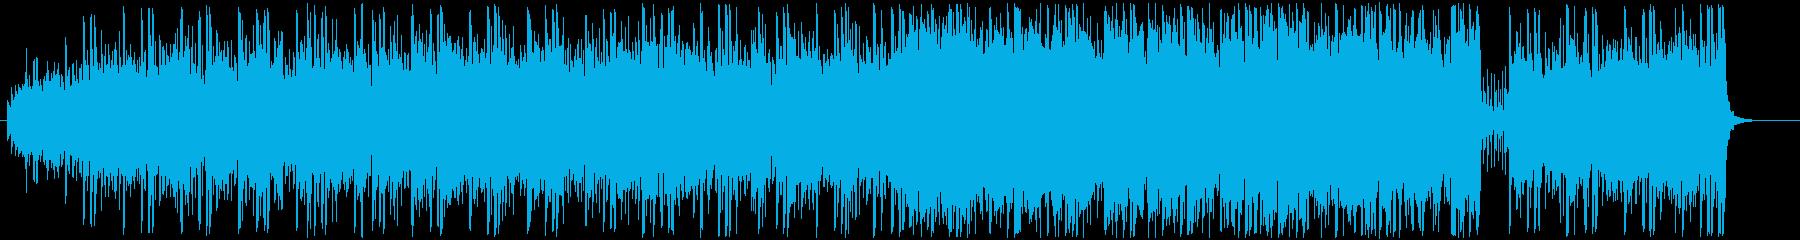 弦と木管が絡み合う柔らかいポップスの再生済みの波形